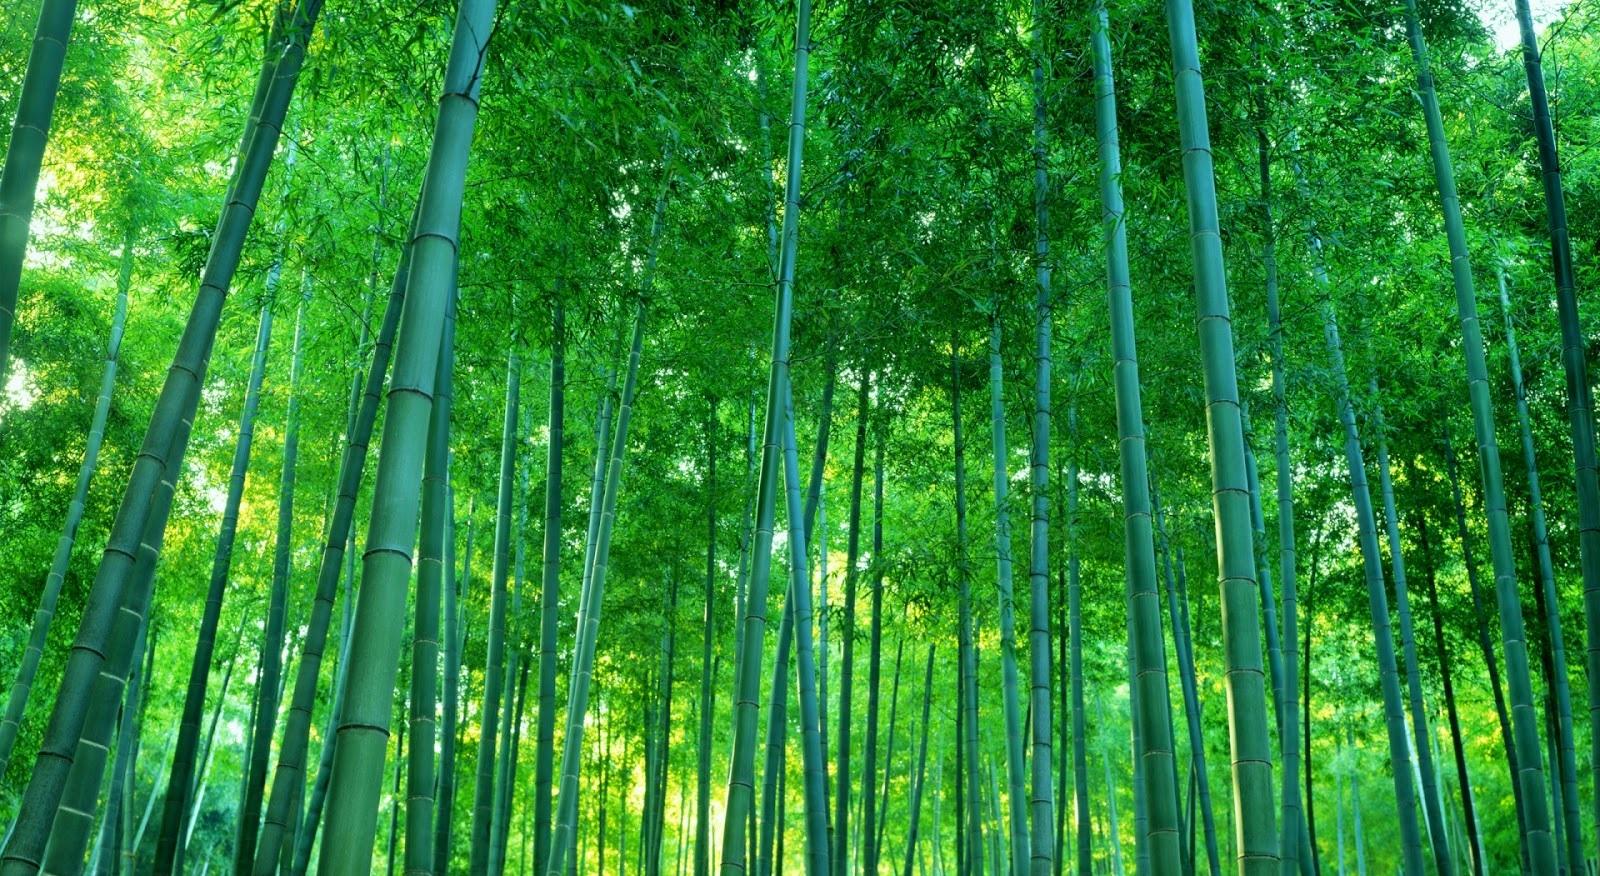 Người đàn ông đau khổ tìm được nghị lực sống nhờ bài học từ cây tre